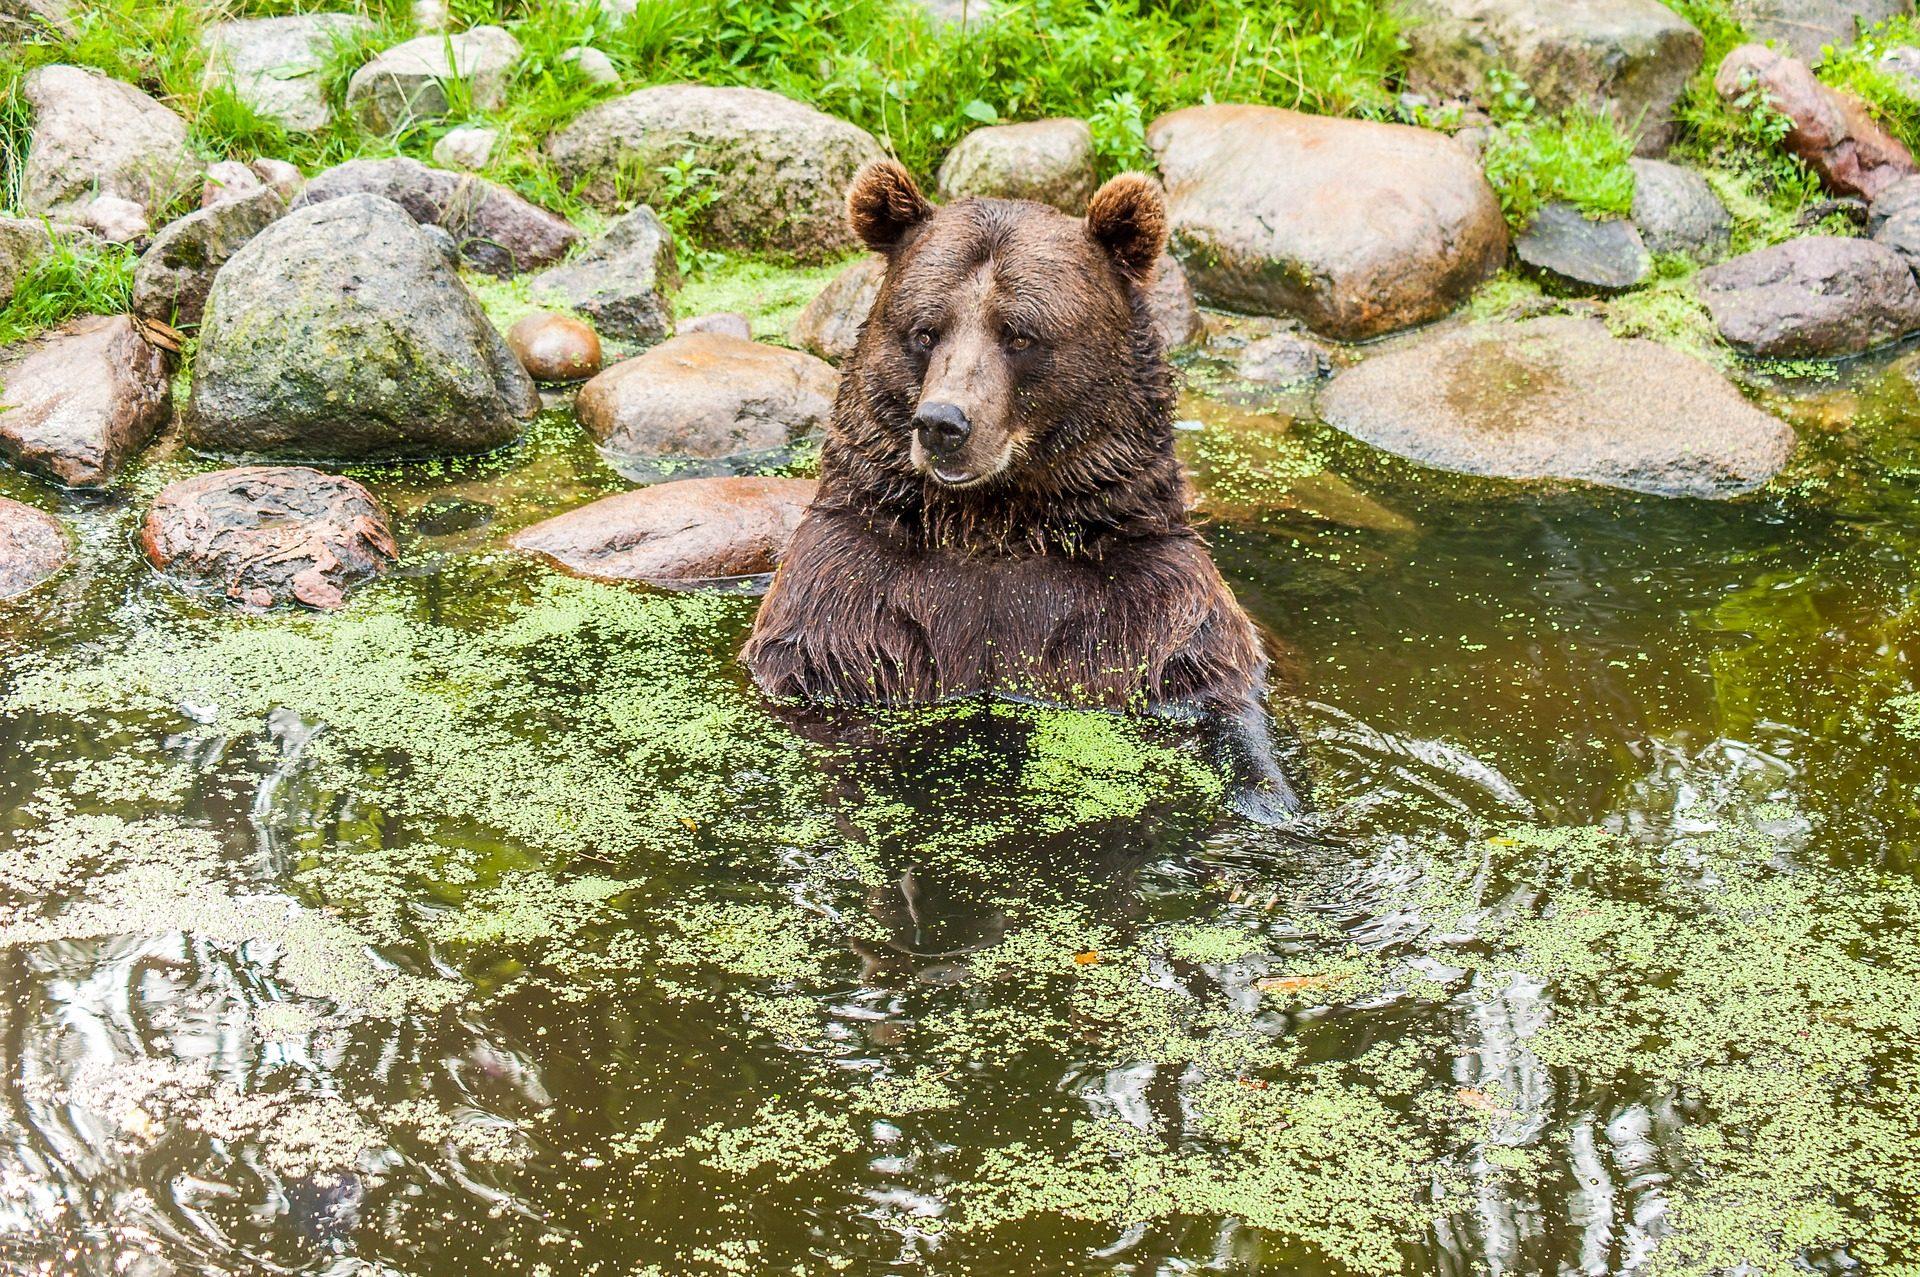 熊, 浴室, 艾滋病协调反应, 石头, 藻类, 植被, 放松 - 高清壁纸 - 教授-falken.com